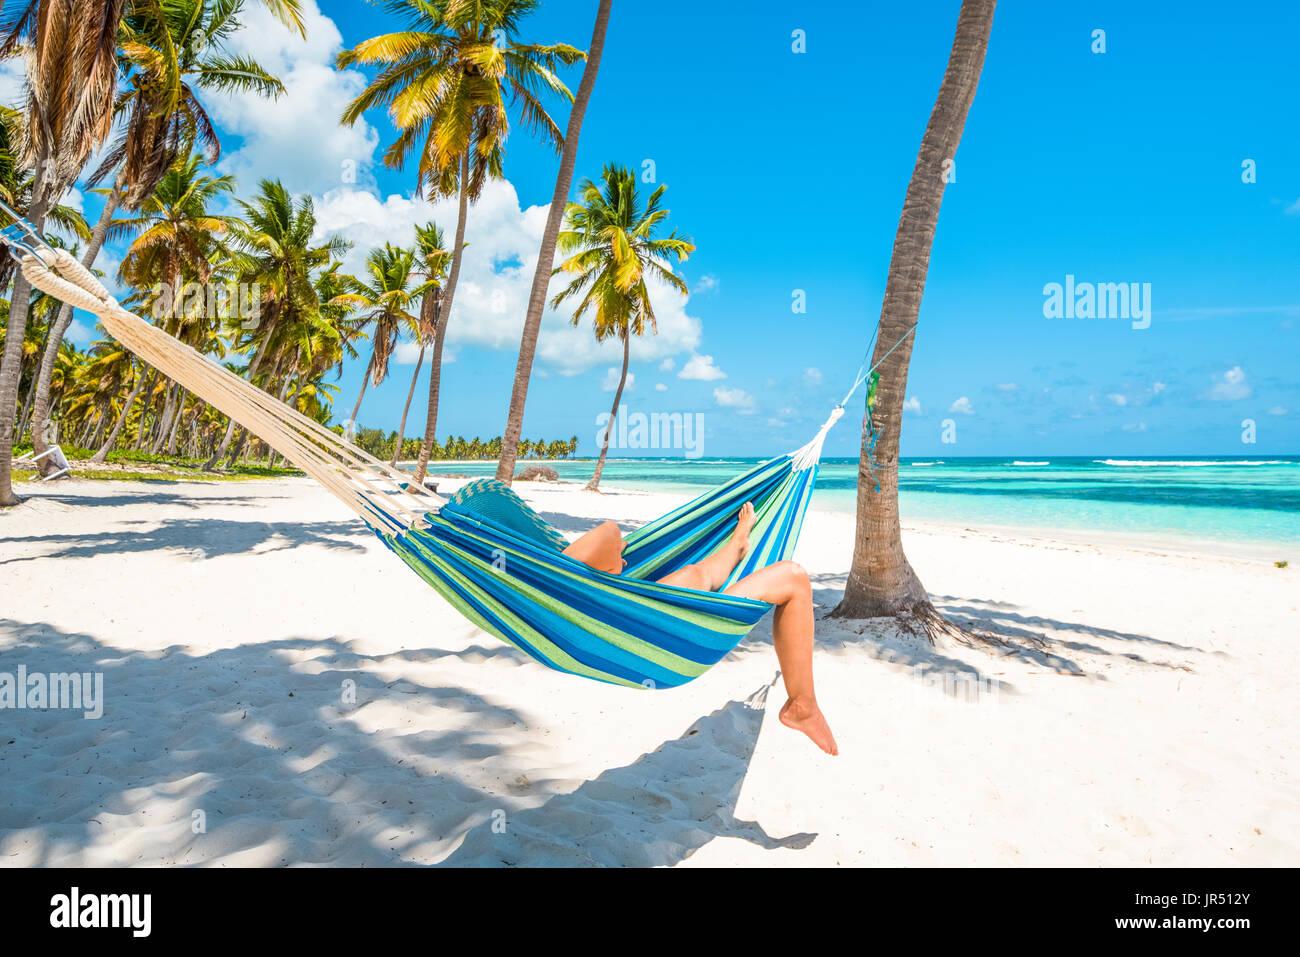 Canto de la playa, Isla Saona, East National Park (Parque Nacional del Este), en la República Dominicana, Mar Caribe. Mujer relajándose en una hamaca. Imagen De Stock